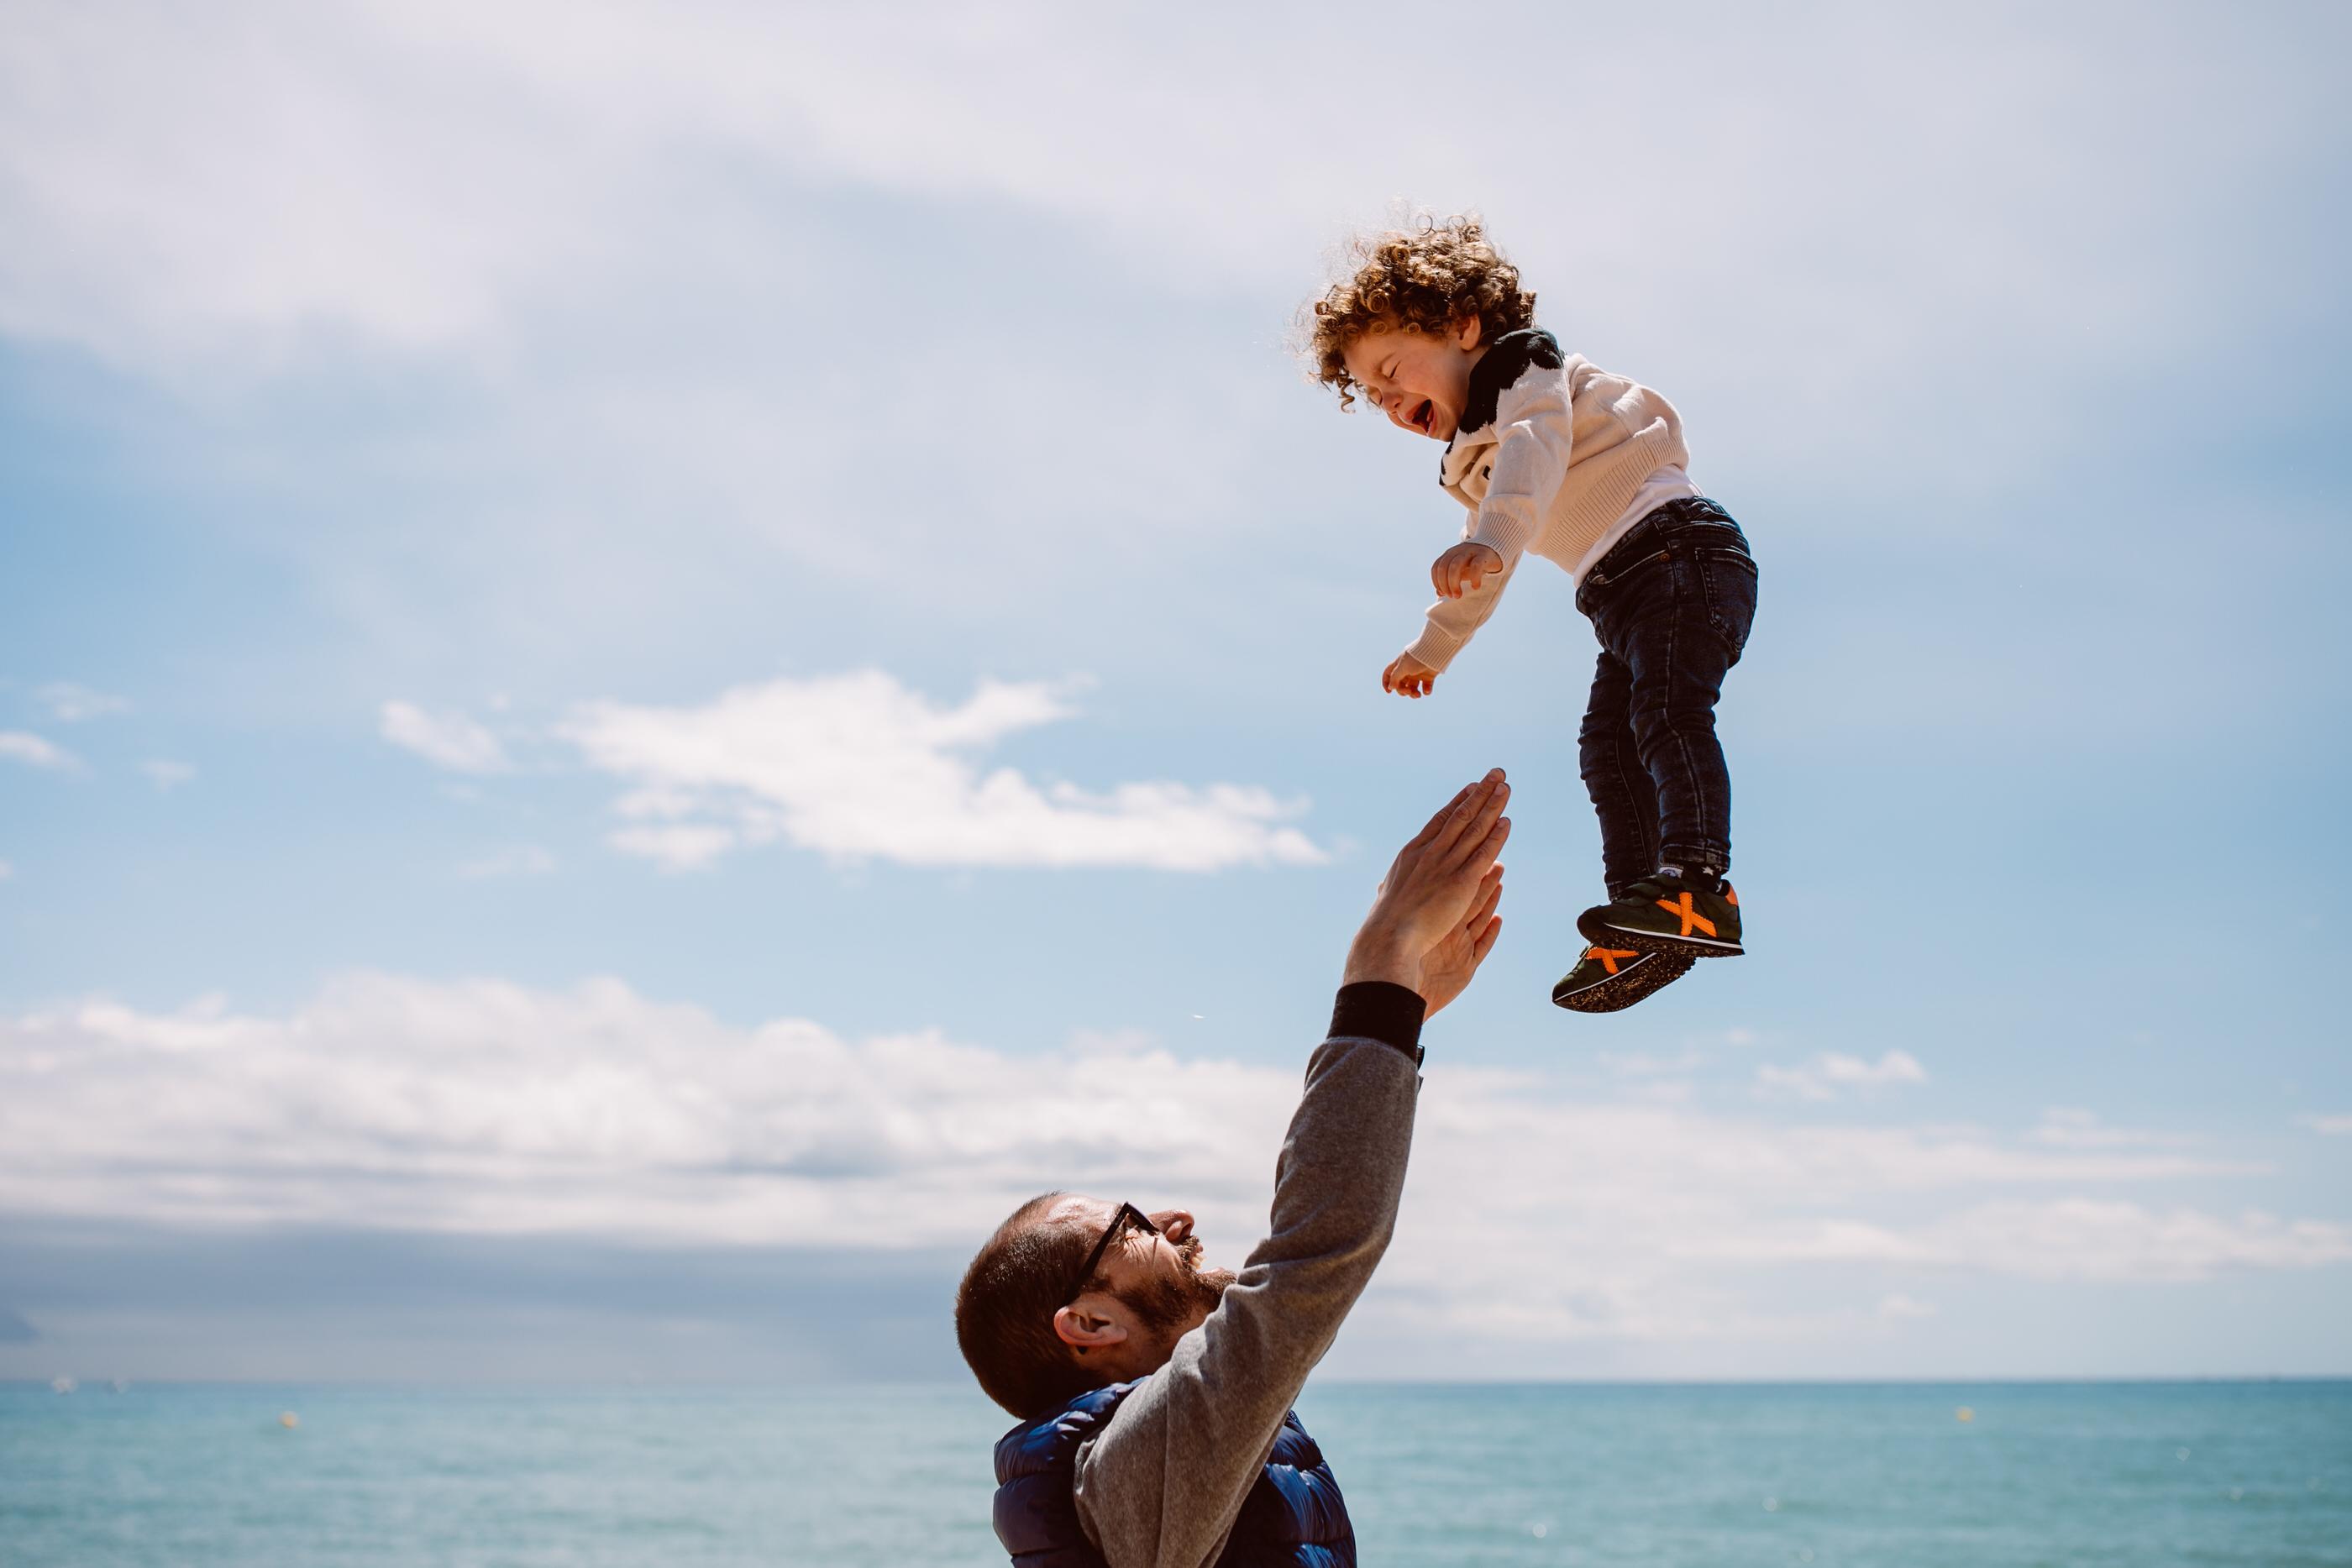 fotografo familias y bebes barcelona (1 de 1)-3